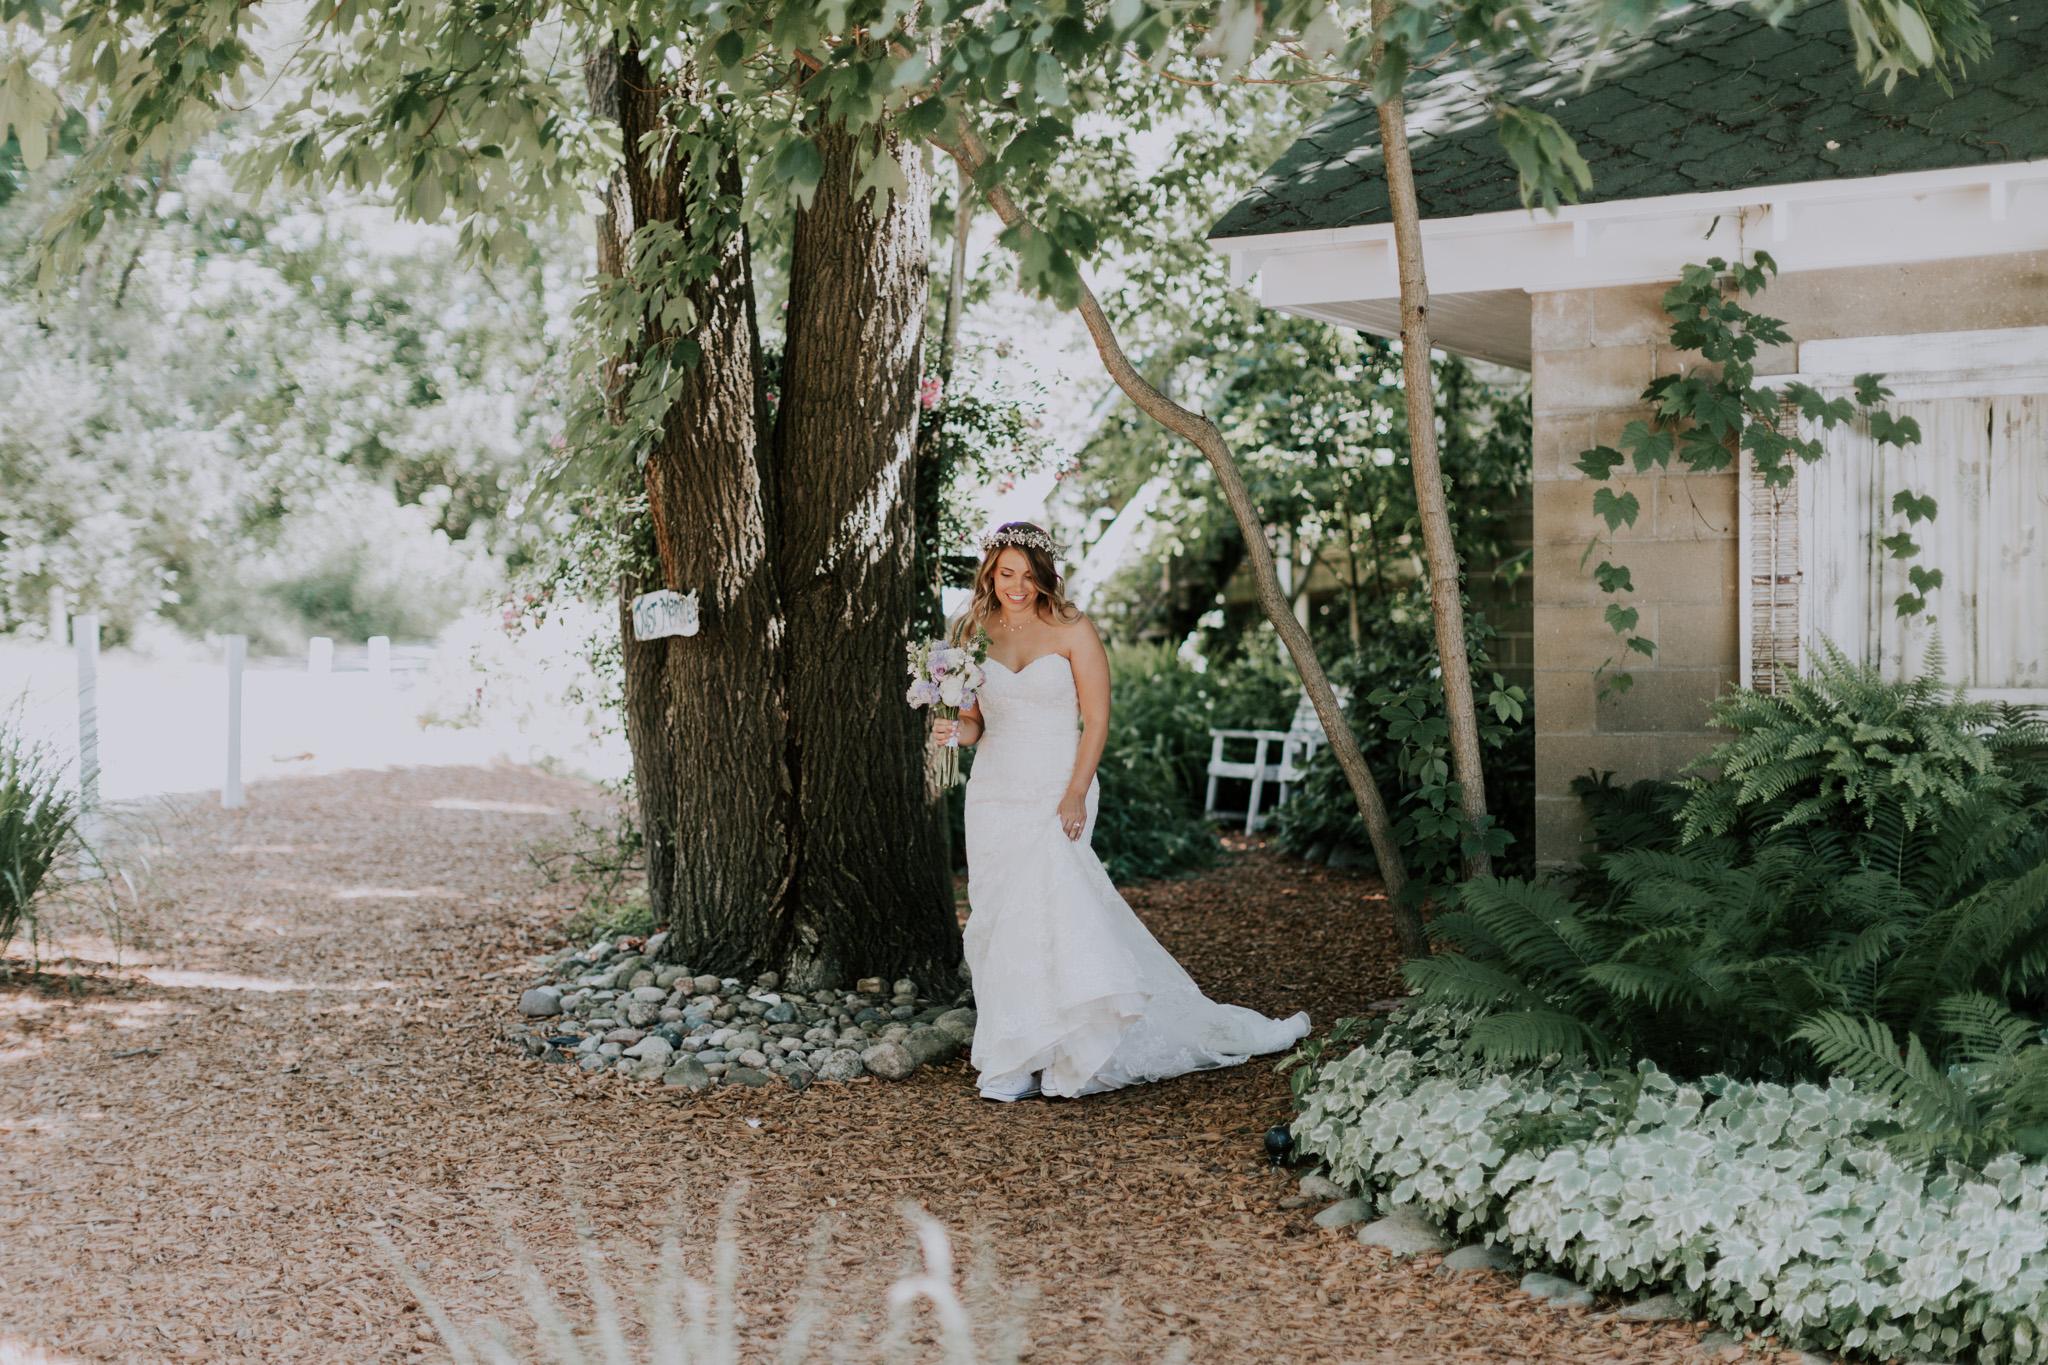 Blue-Dress-Barn-Michigan-Wedding-April-Seth-Vafa-Photo192.jpg